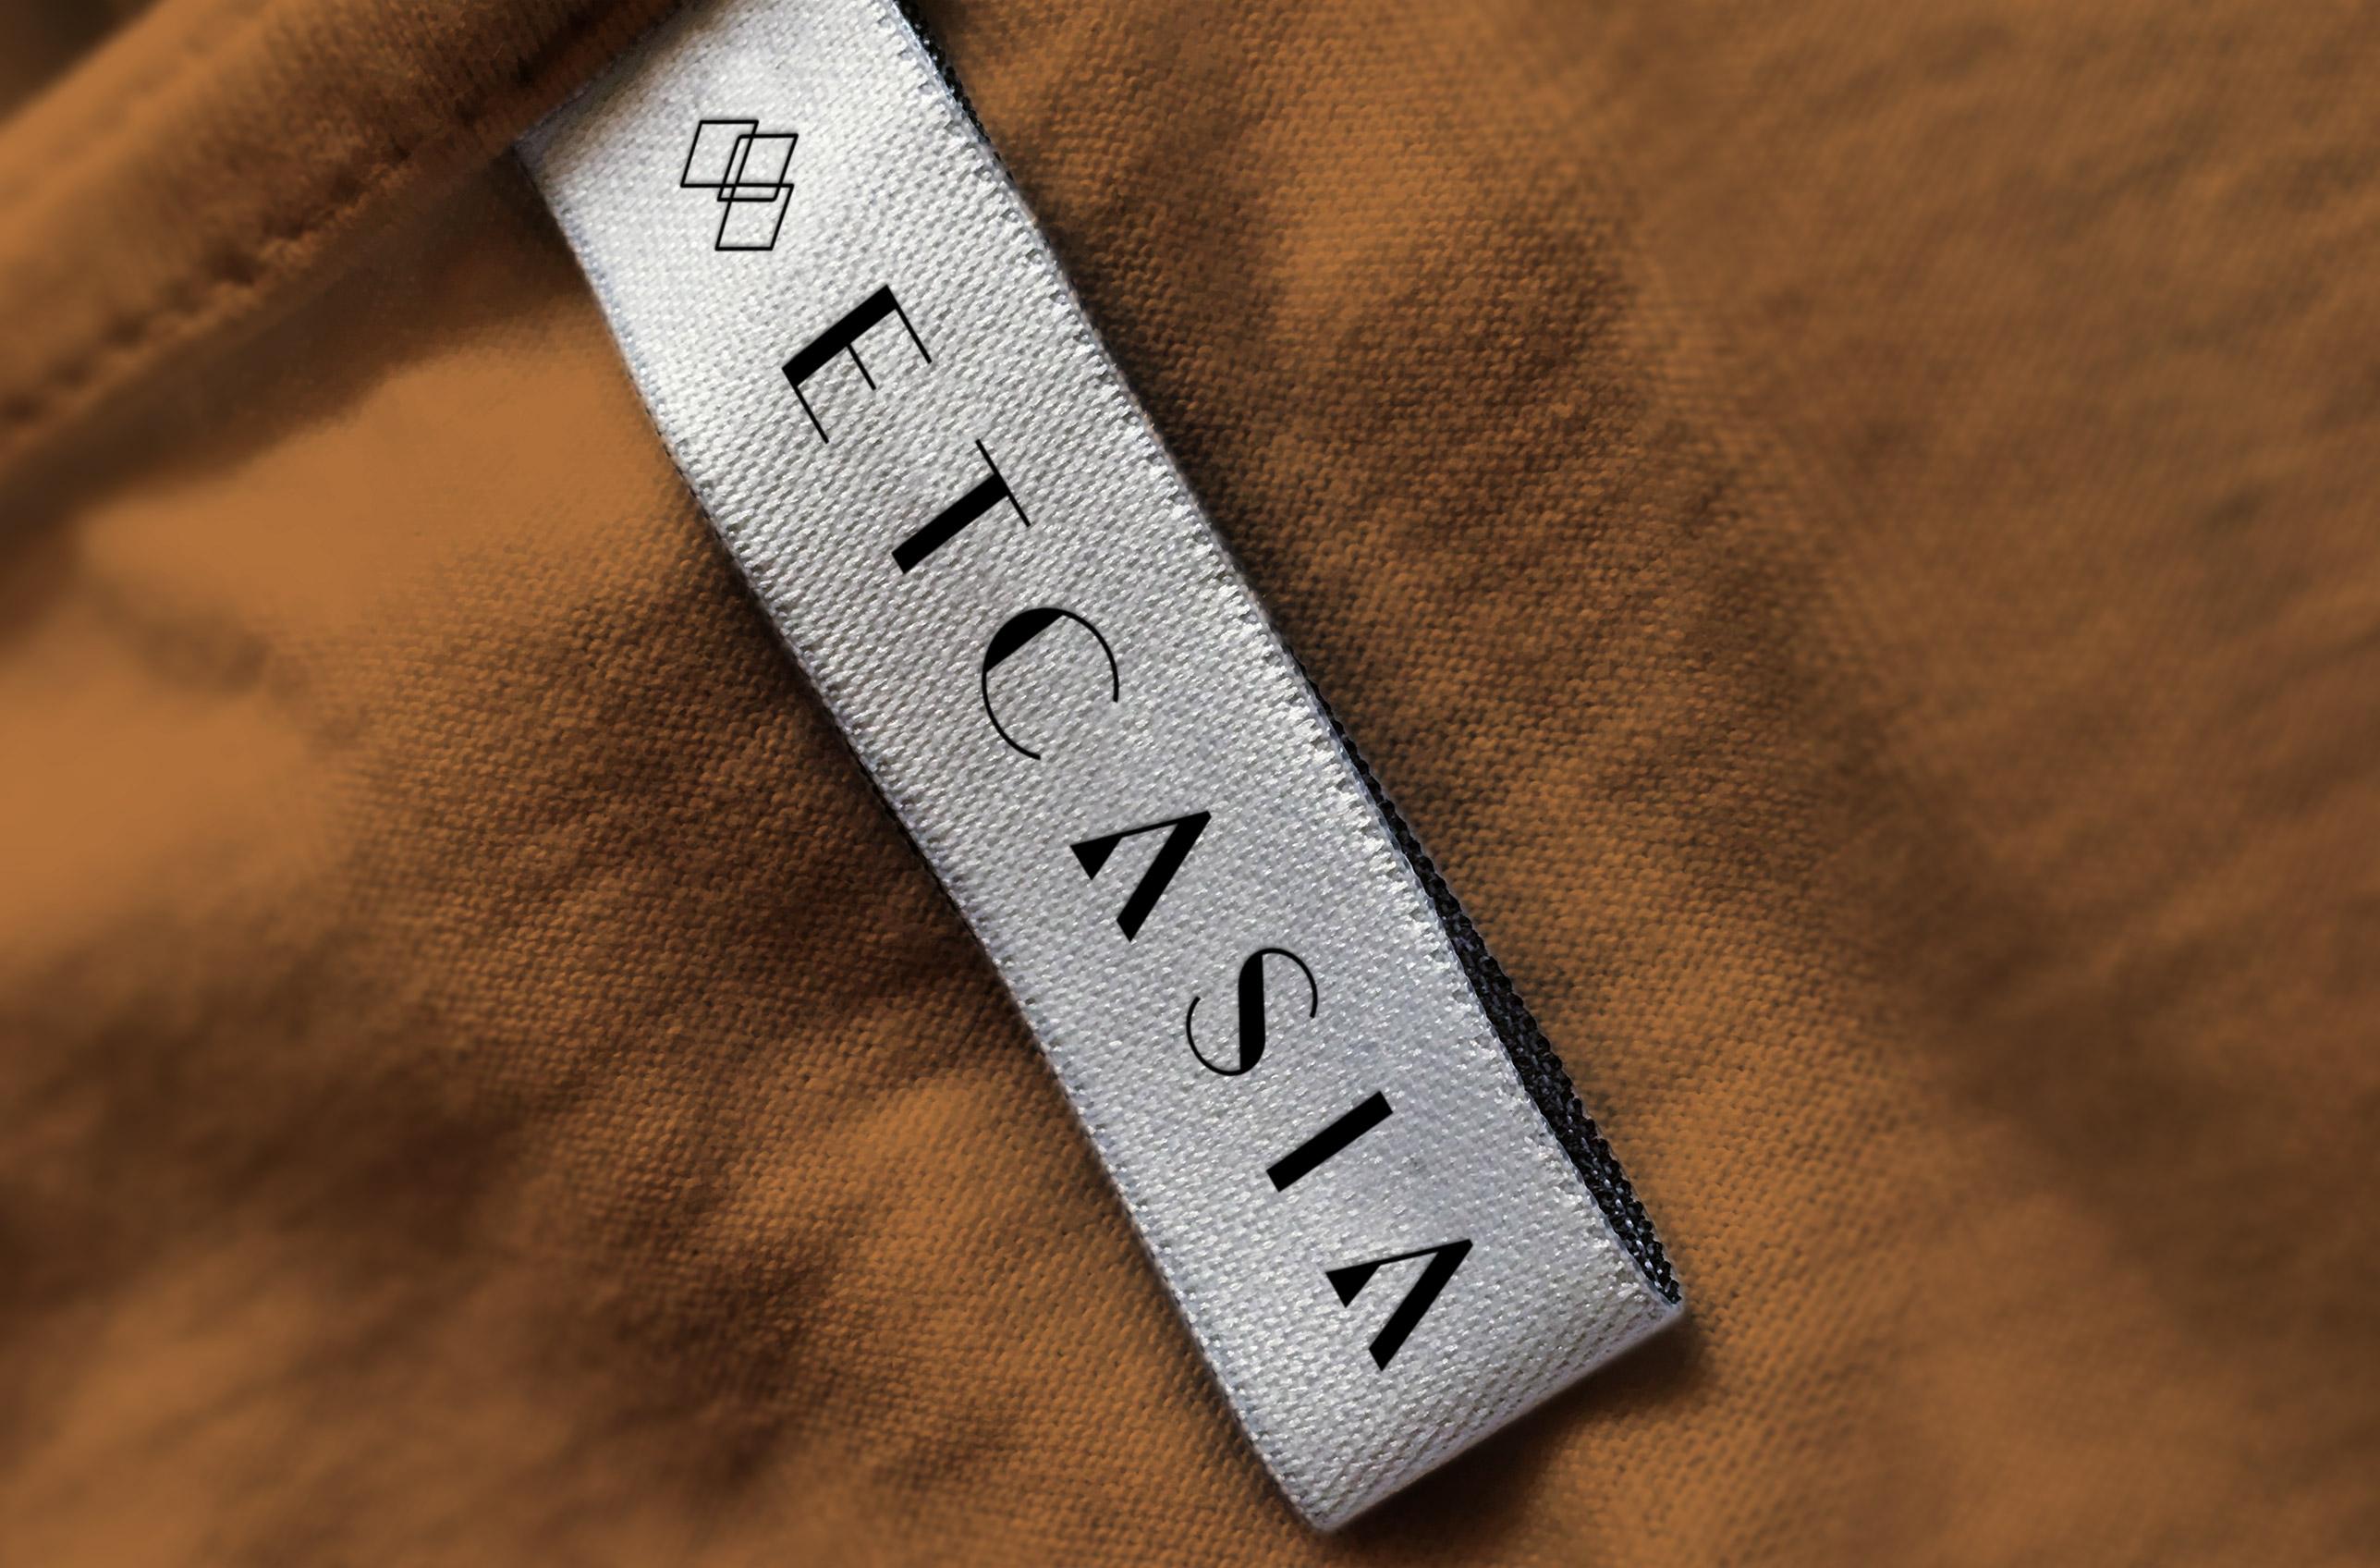 ETCASIA, Crossing Parallels Studio